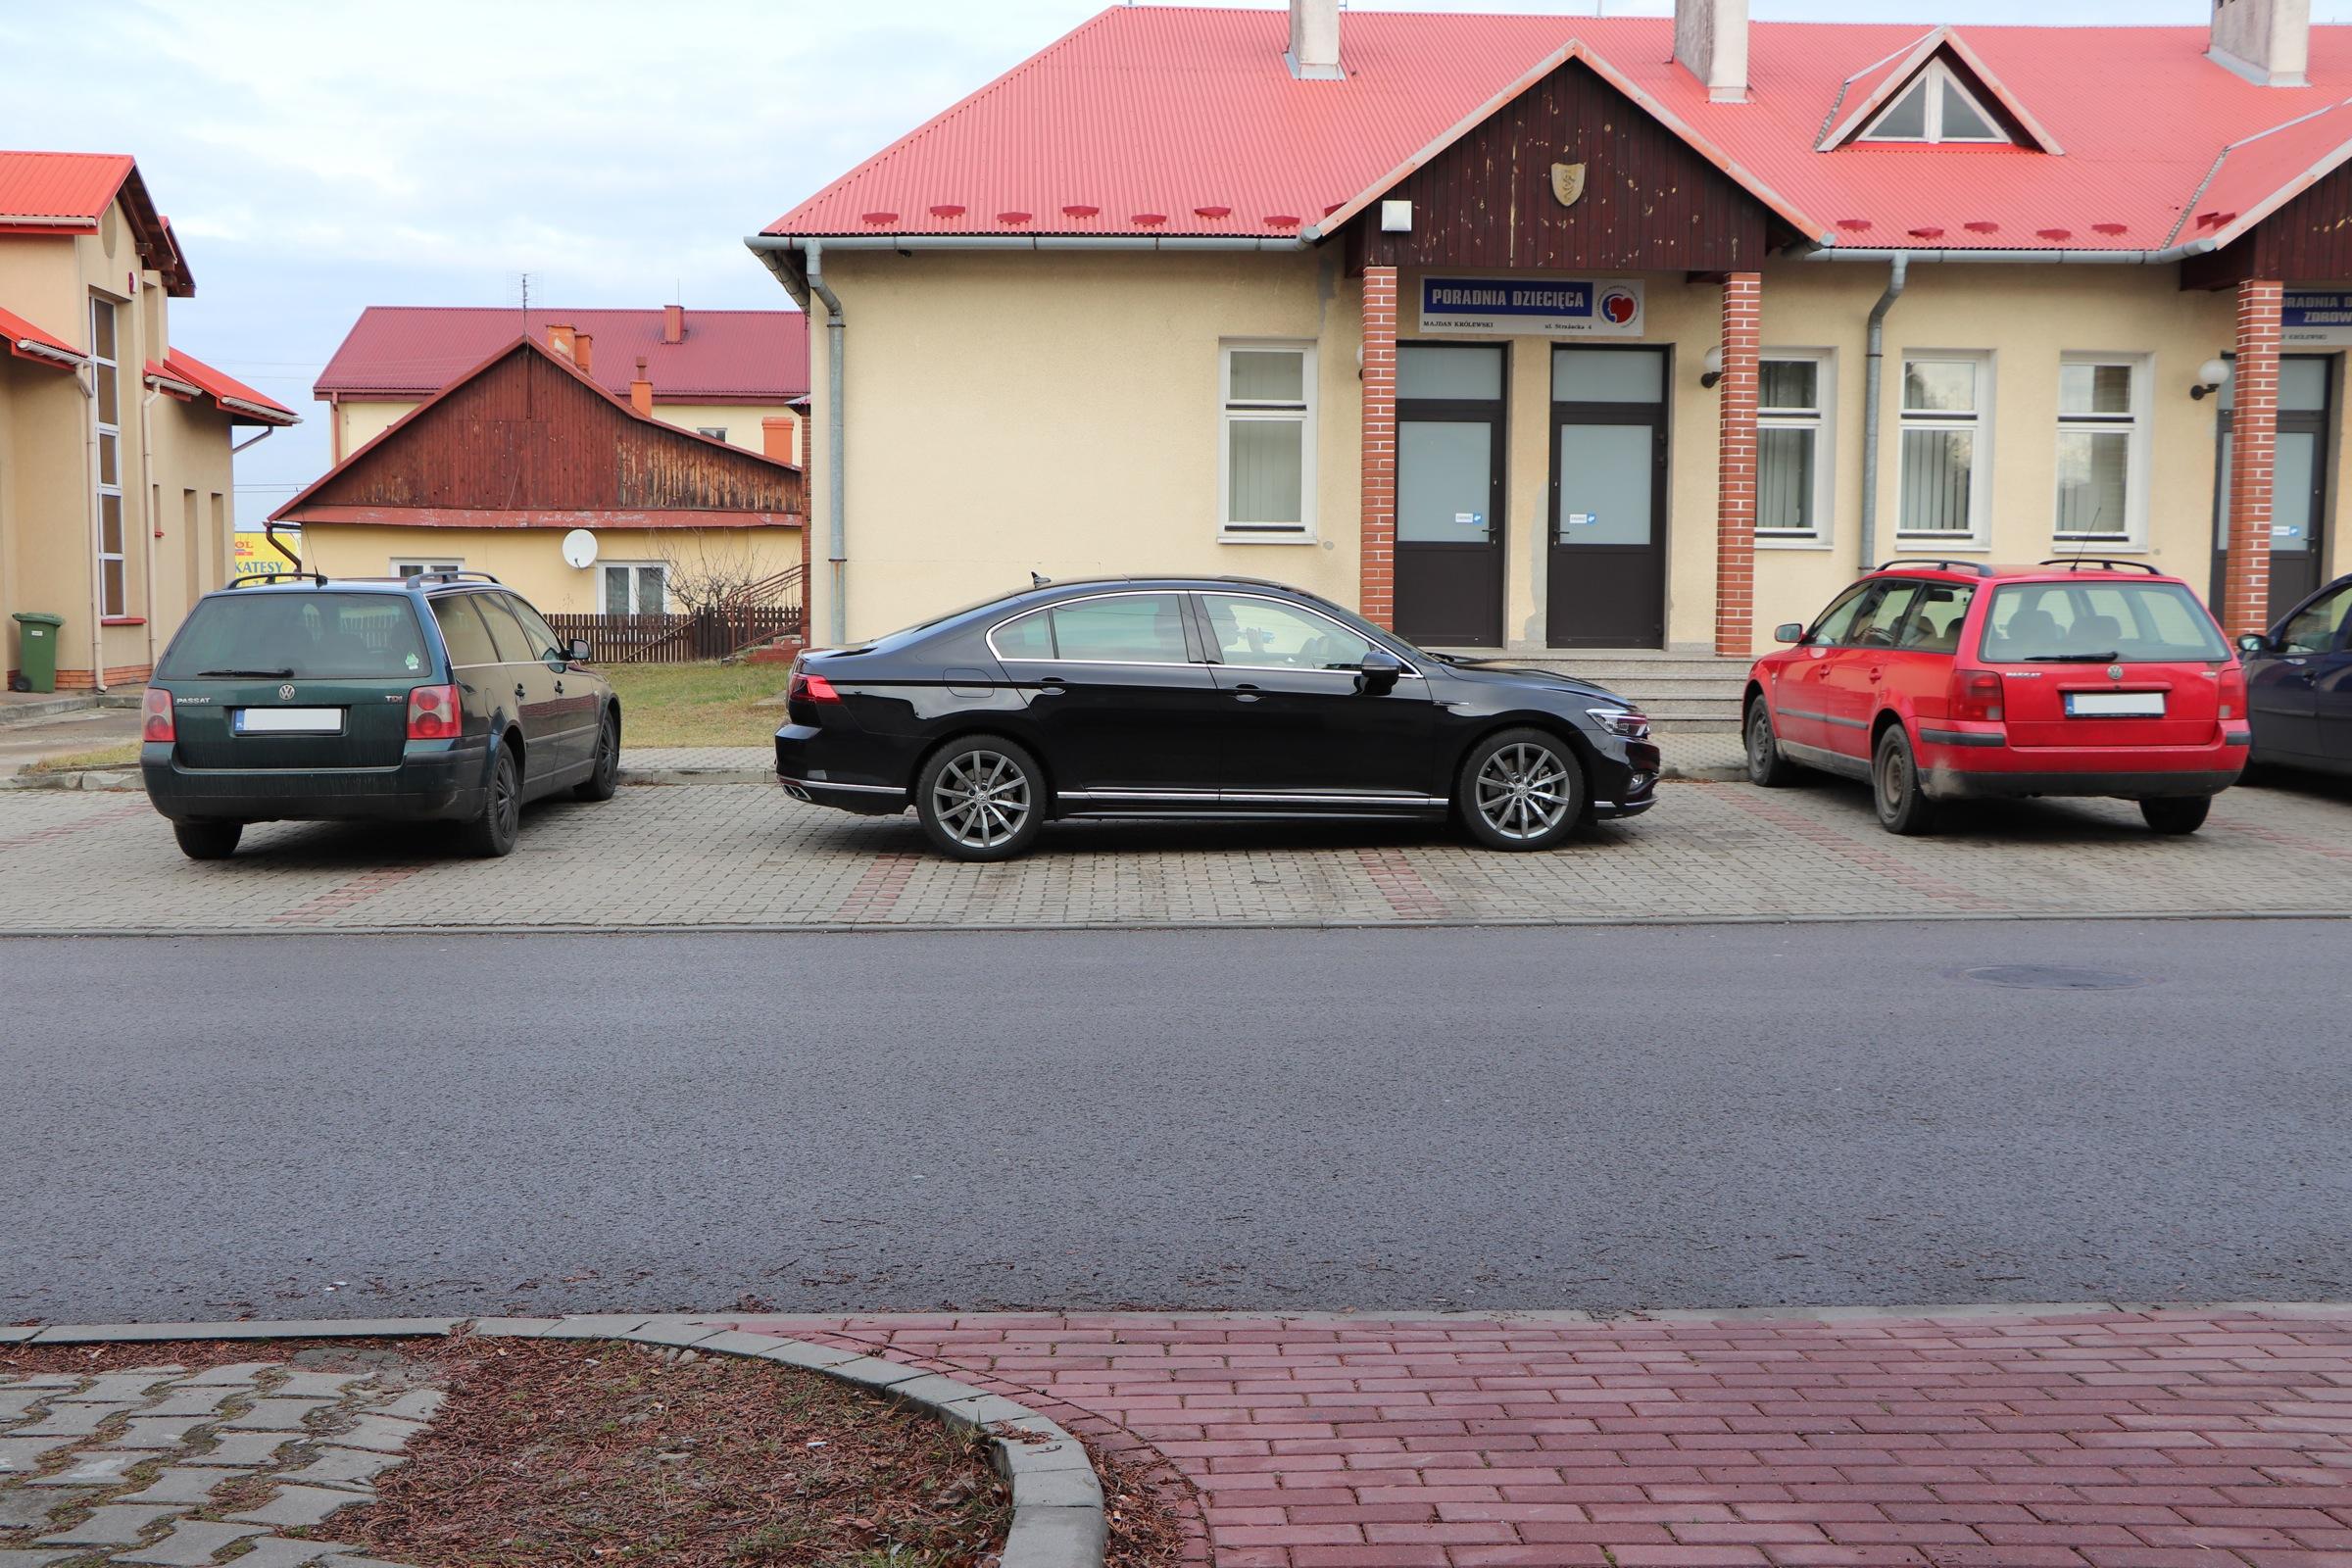 VW Passat B5 B8 test